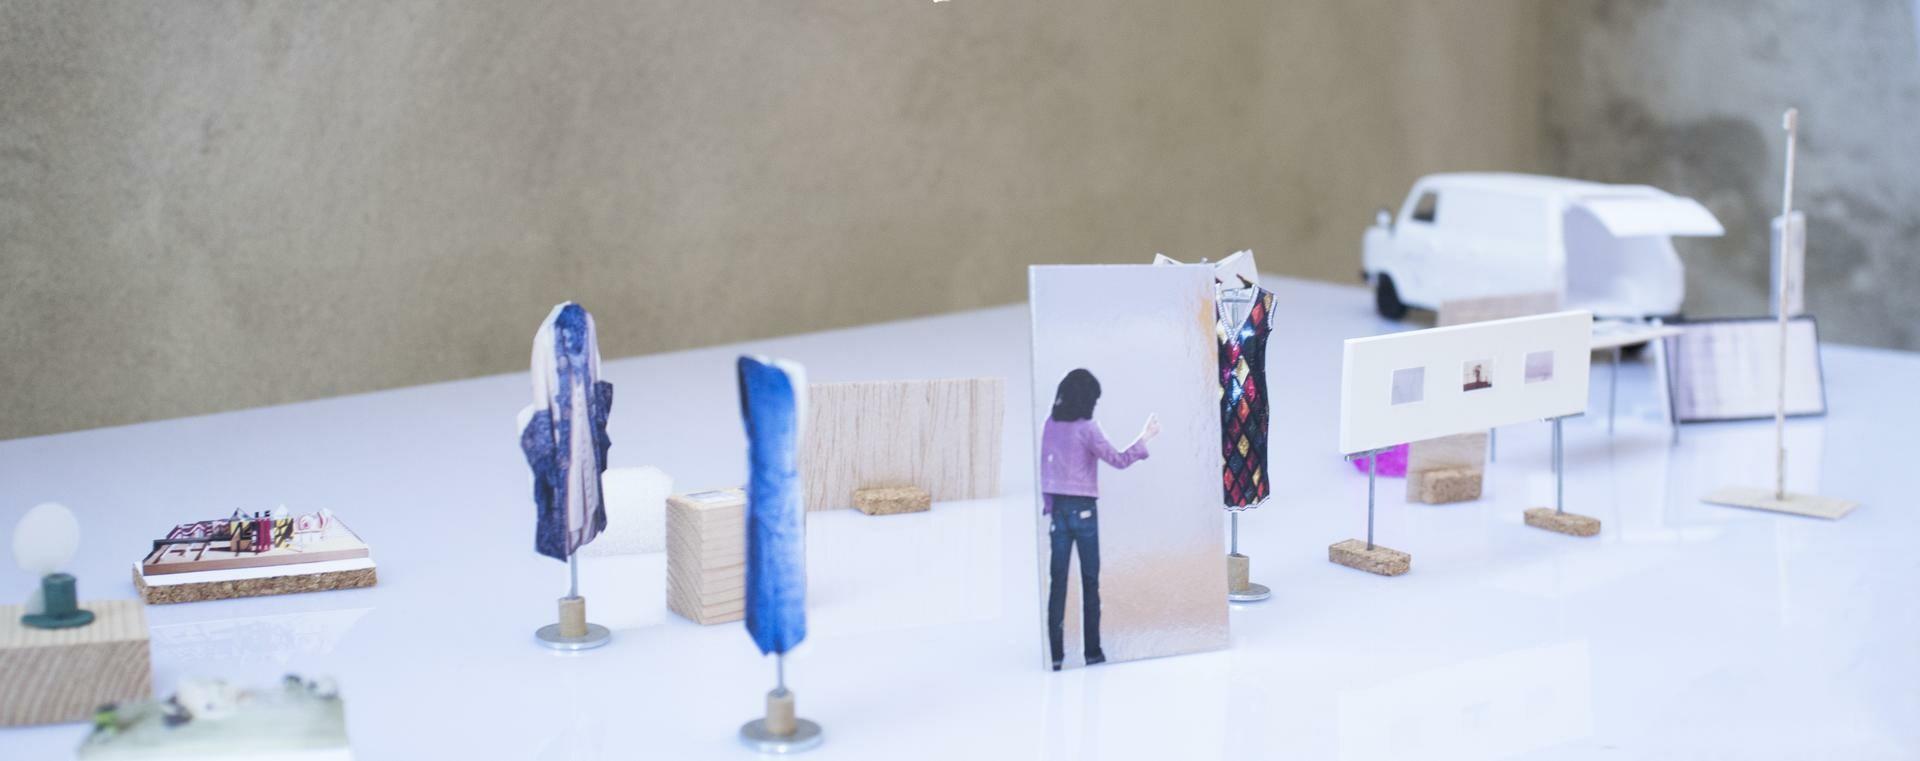 Through time: integrità e trasformazione dell'opera  programma di mostre e residenze d'artista 2020 allo CSAC: Luca Vitone  Il Canone